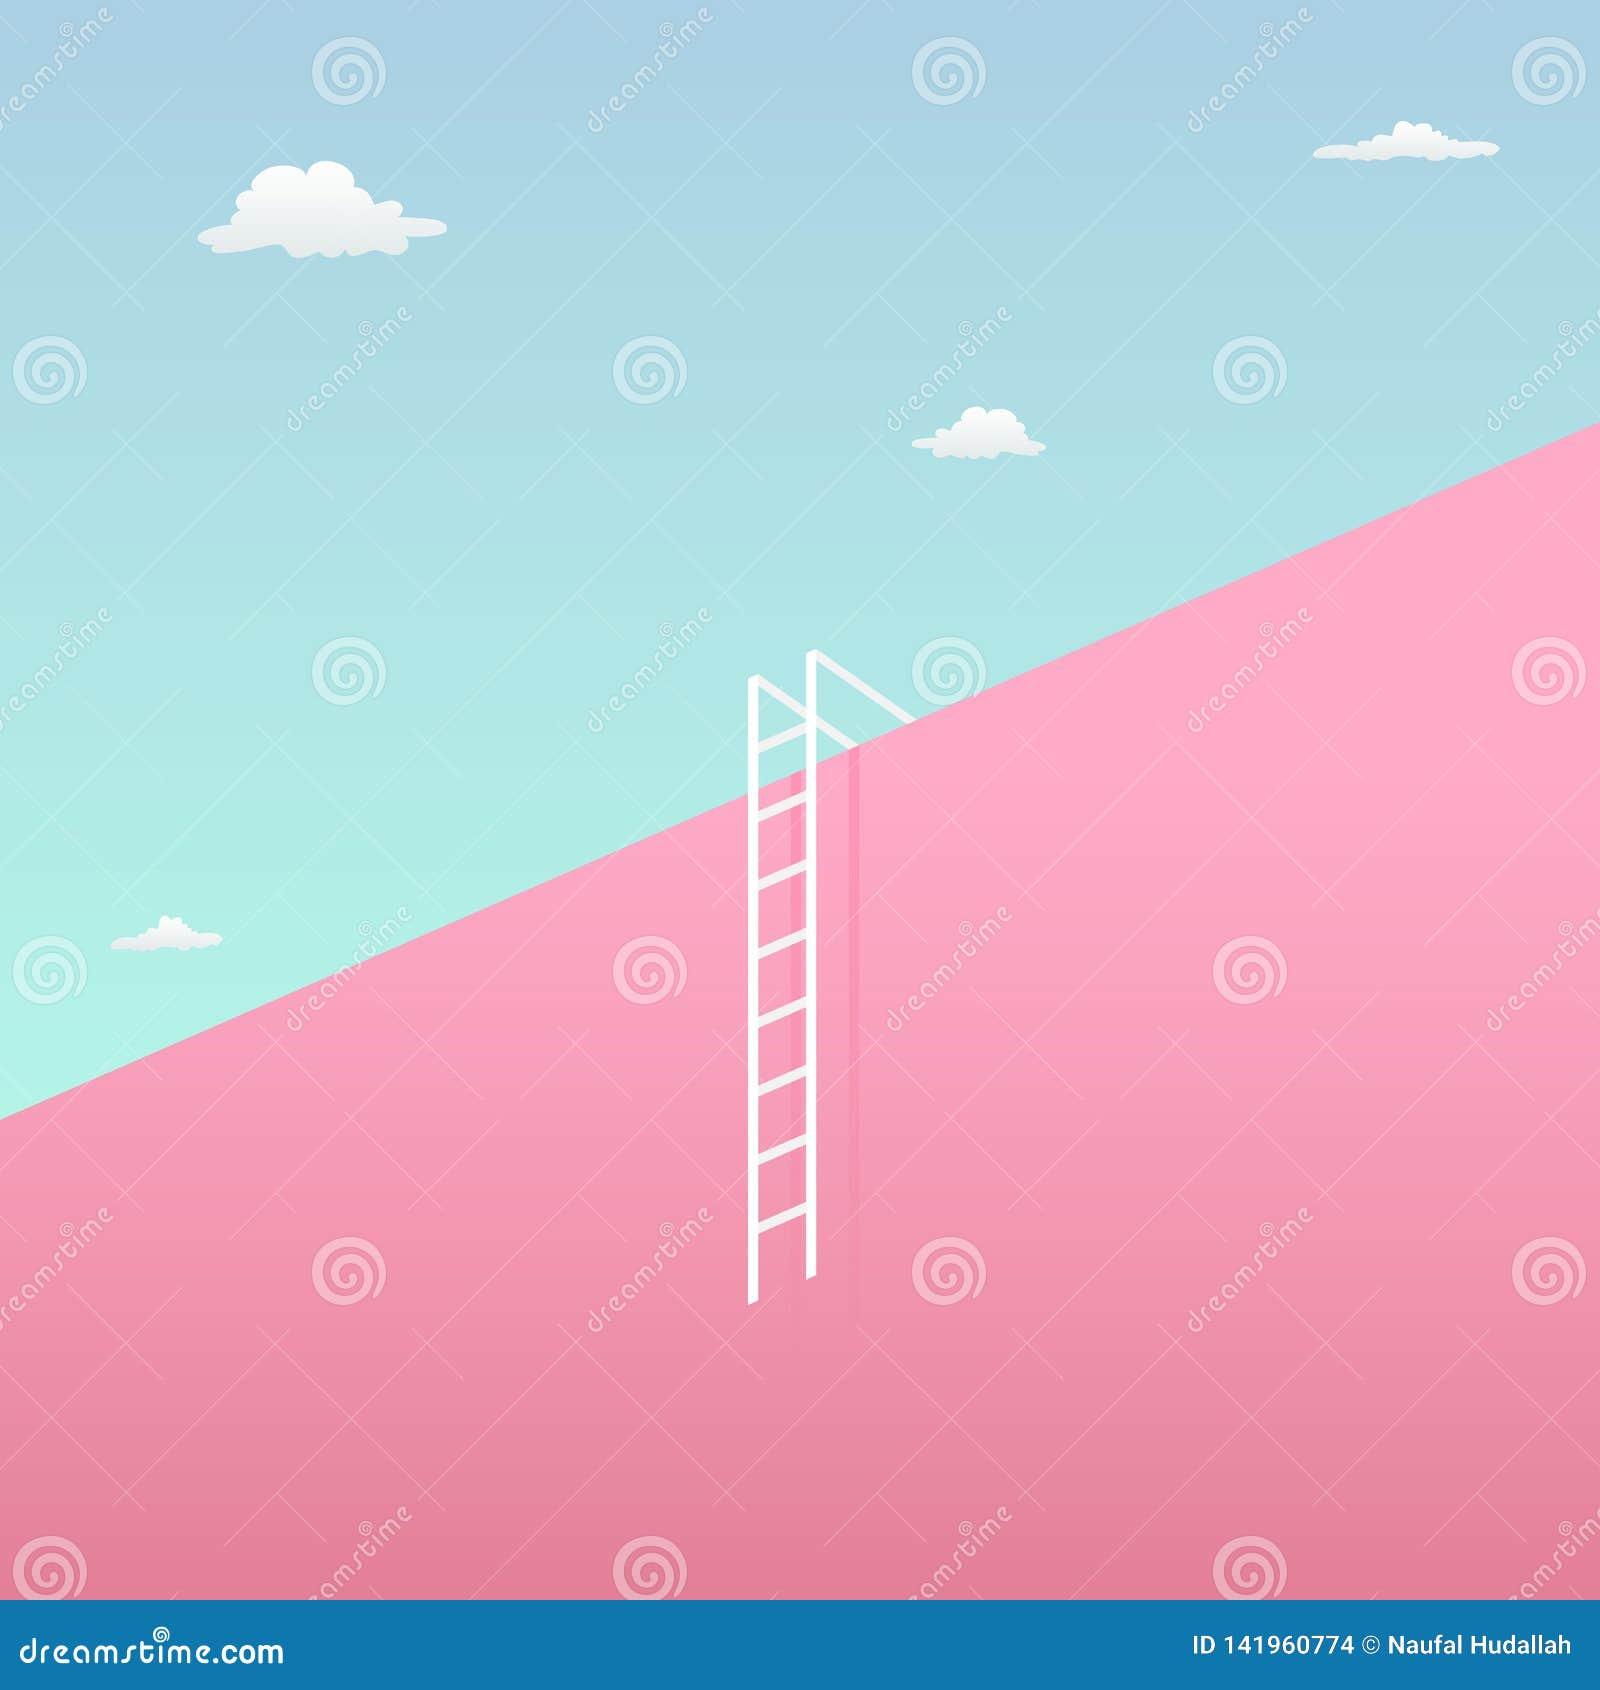 Führen Sie die Herausforderung, um das Zielsichtkonzept mit unbedeutendem Kunstentwurf zu erreichen hohe riesige Wand in Richtung